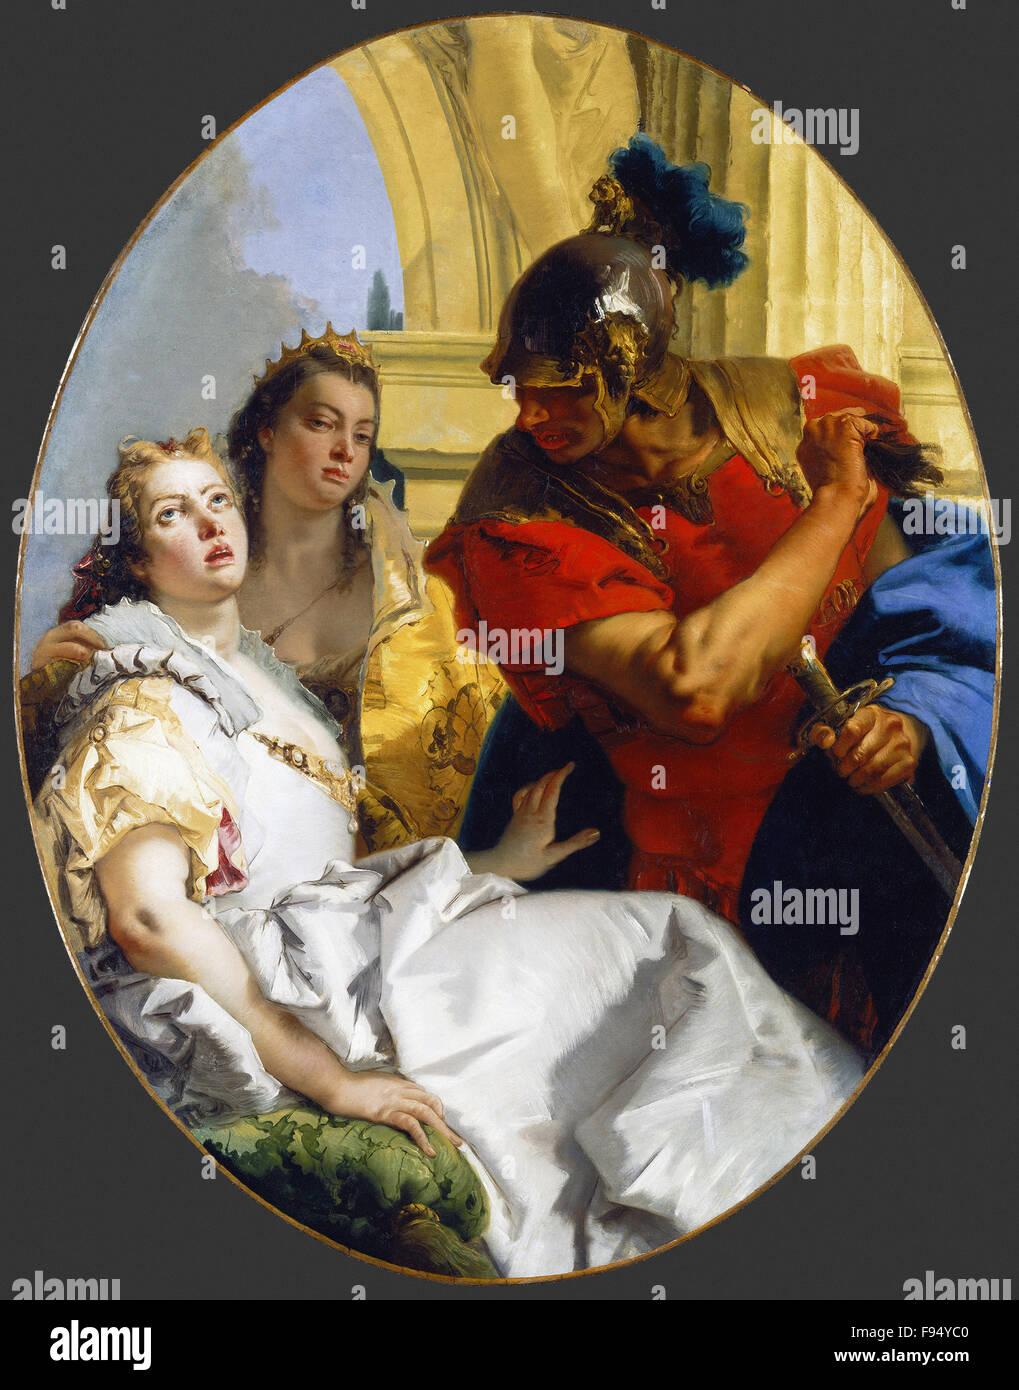 Giovanni Battista Tiepolo - Scena dalla storia antica Immagini Stock